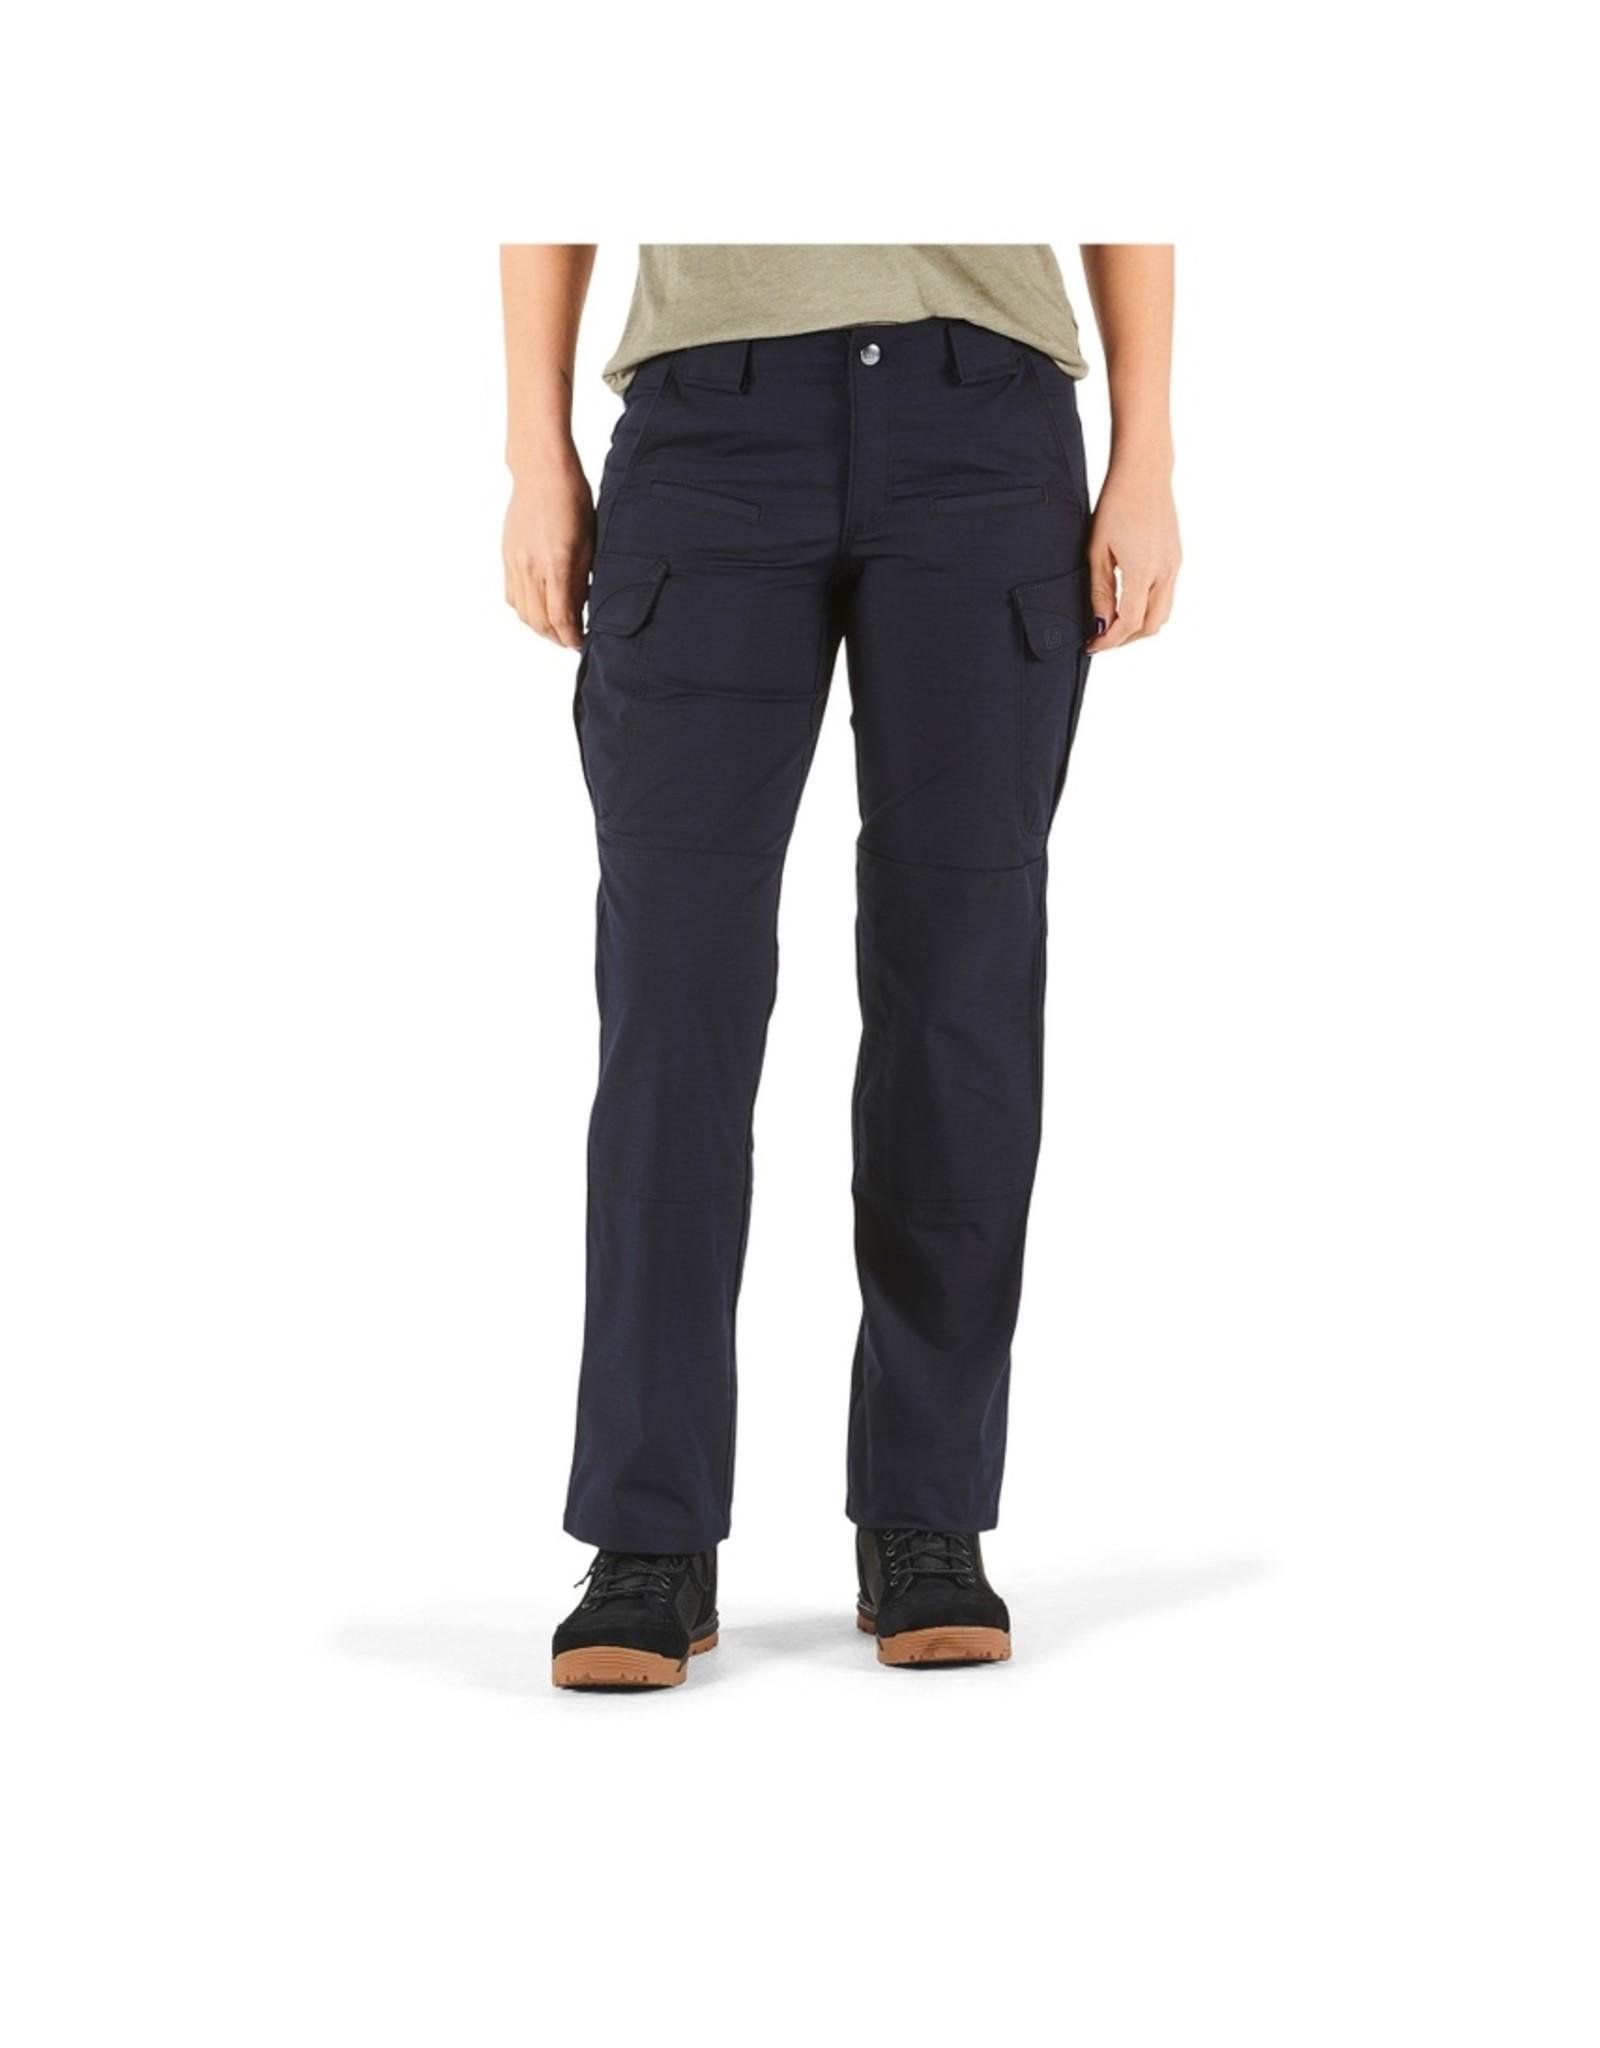 5.11 Women's Stryke Pants